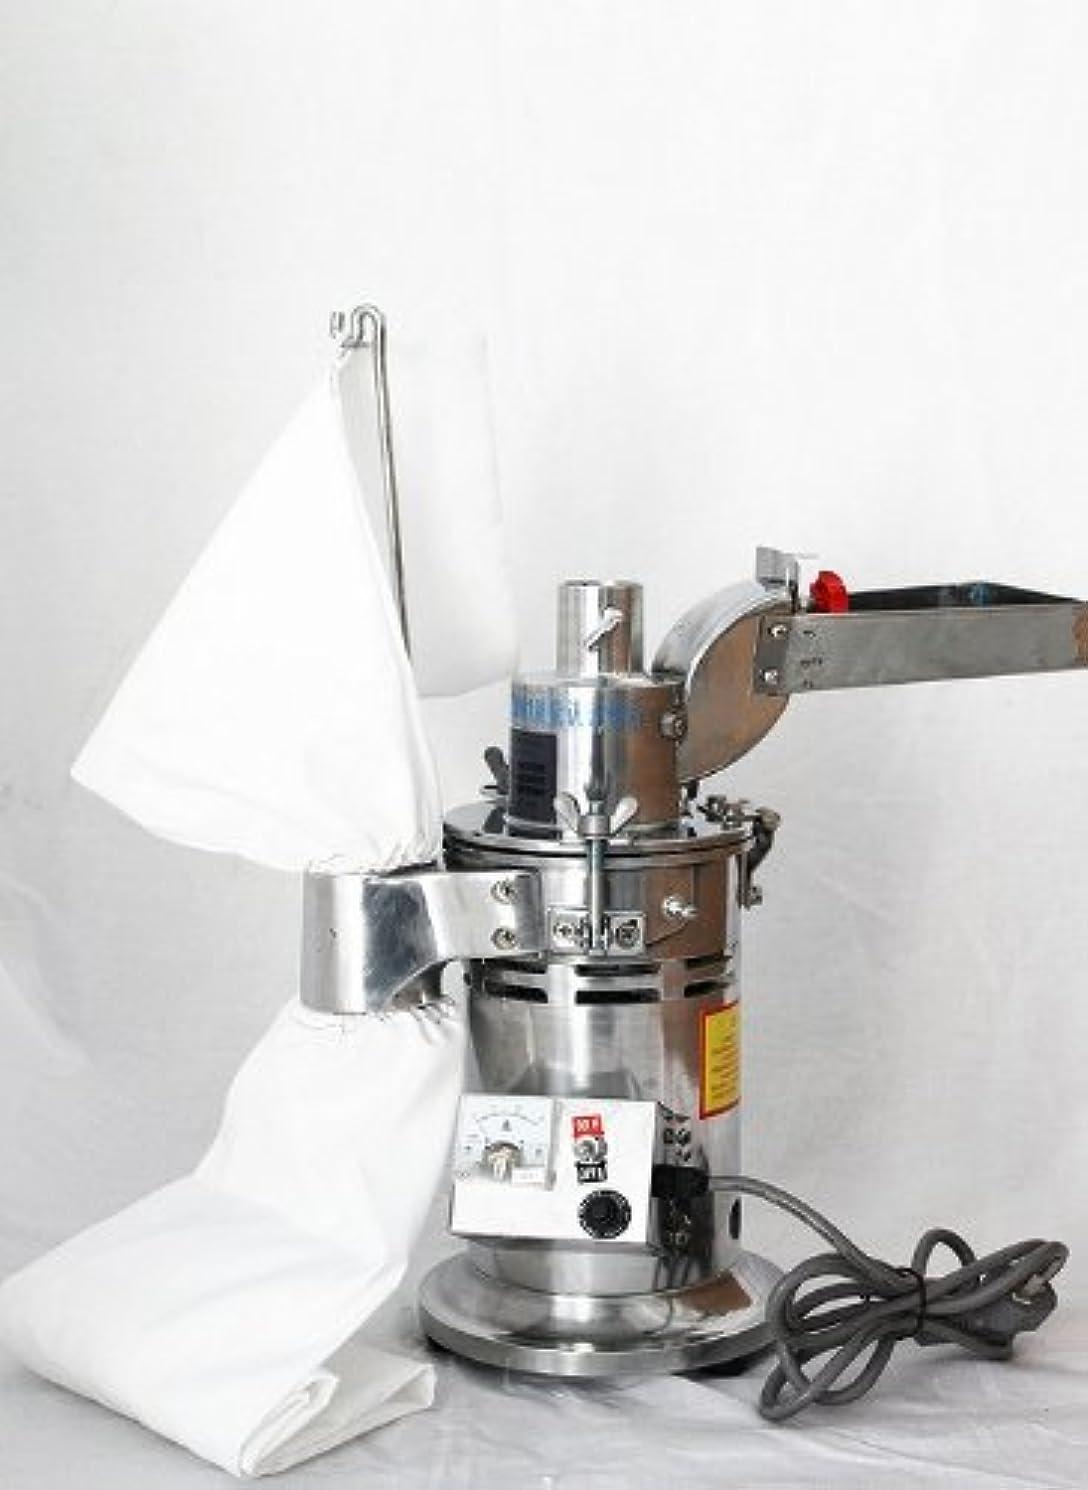 首尾一貫した建てる率直な小型連続粉砕機 ハンマークラッシャー ハンマーミル [並行輸入品]